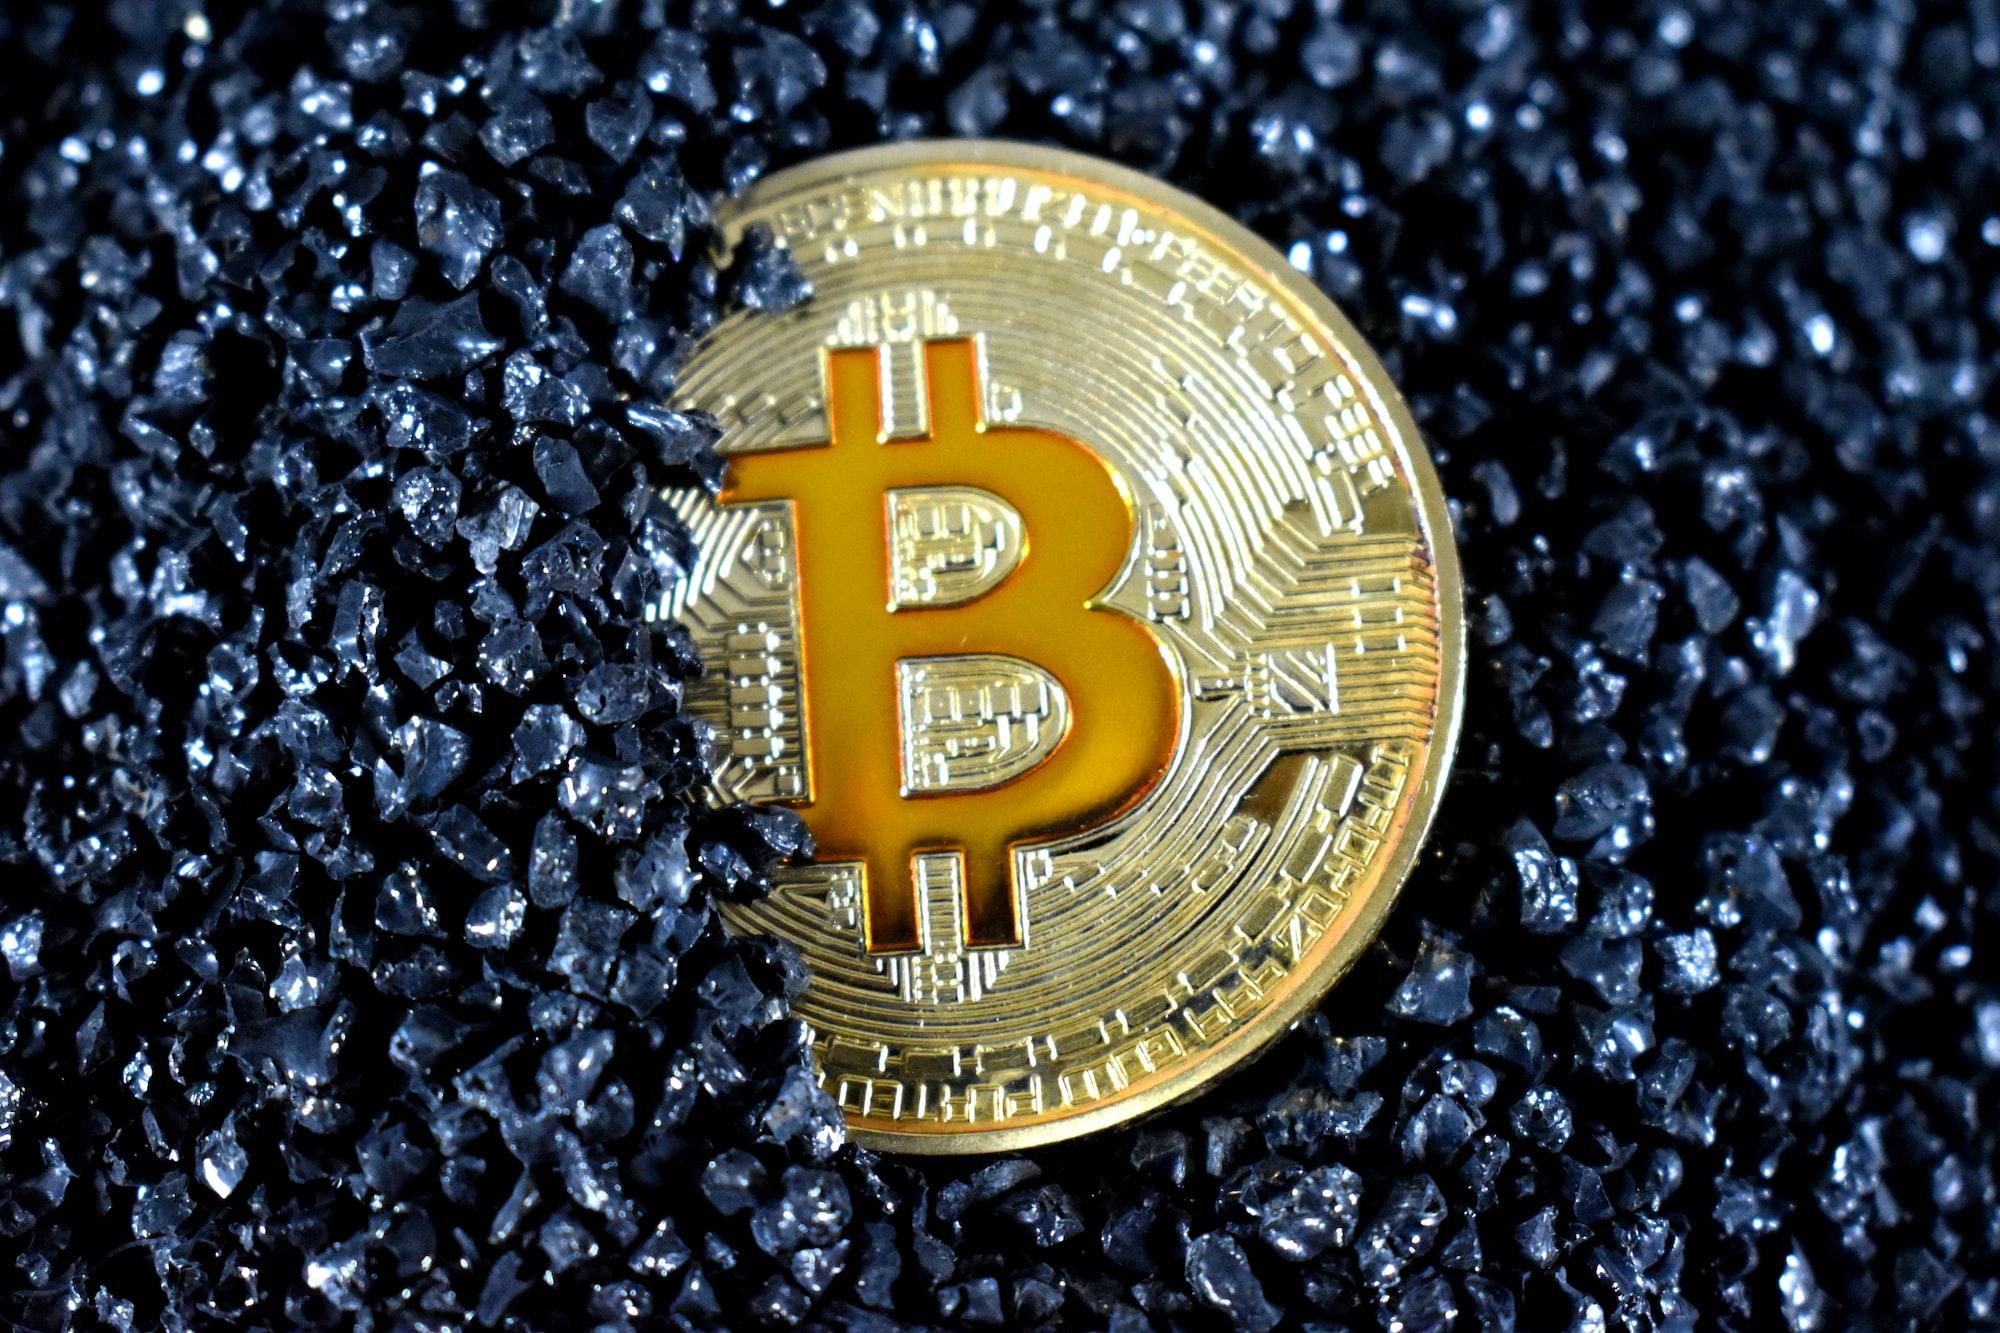 เกือบหนึ่งในสี่ของกระเป๋าเงิน Bitcoin ขาดทุน